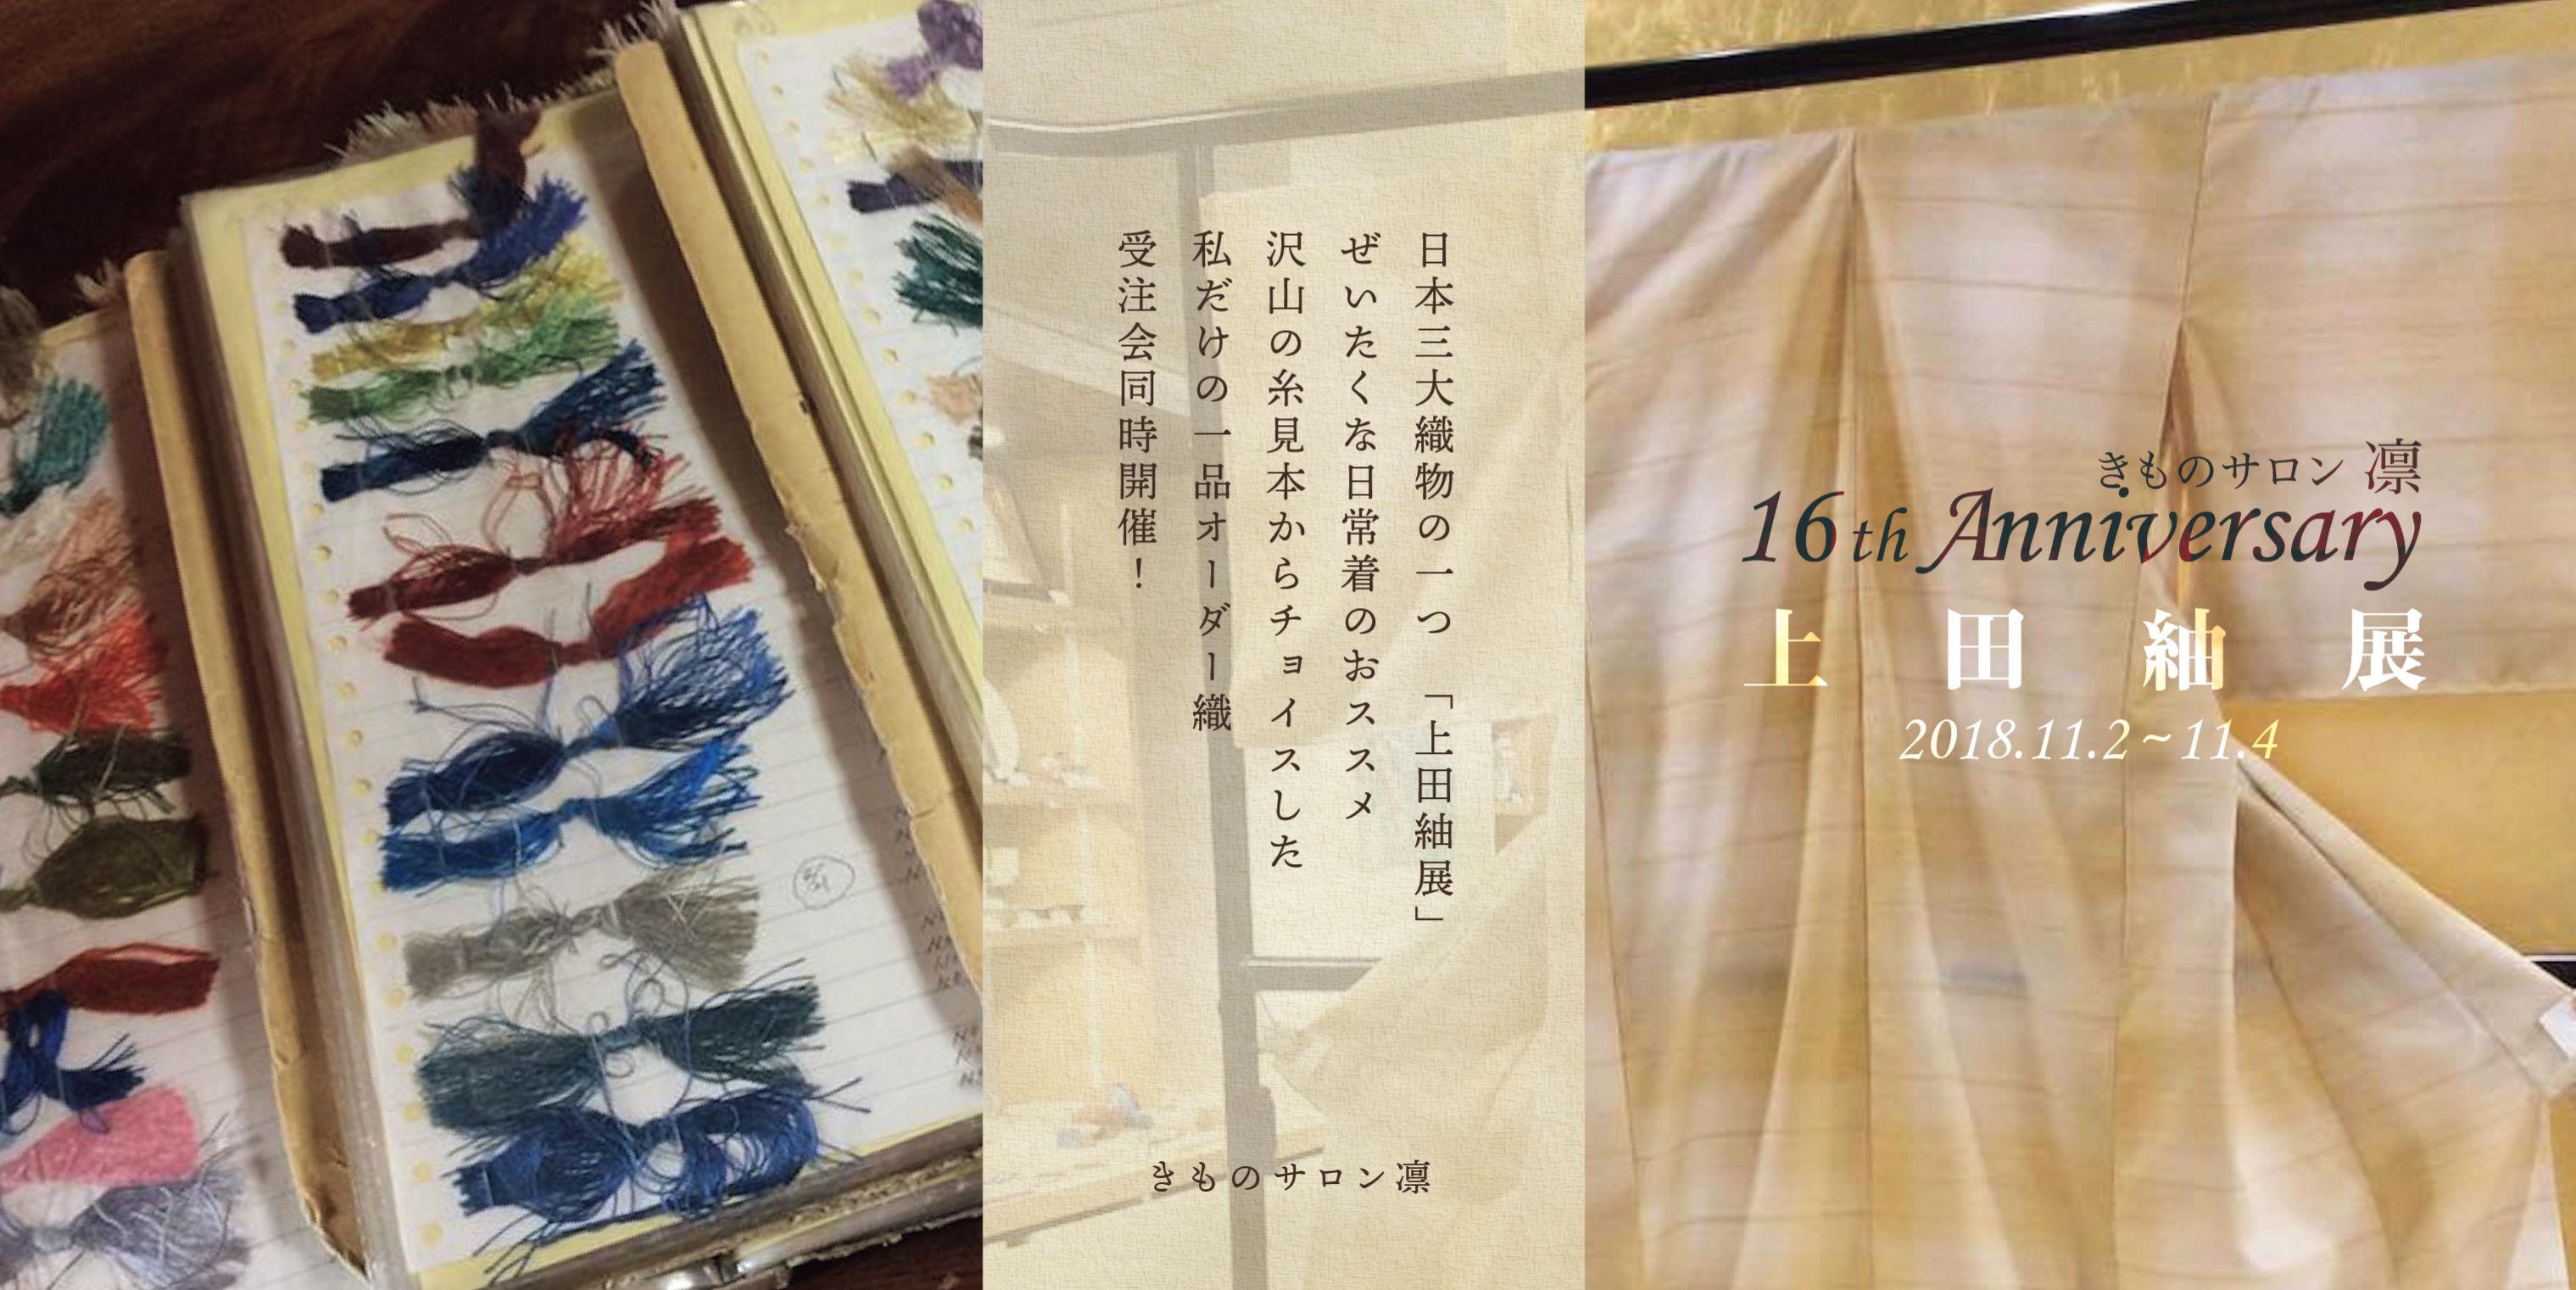 きものサロン凛 16周年記念